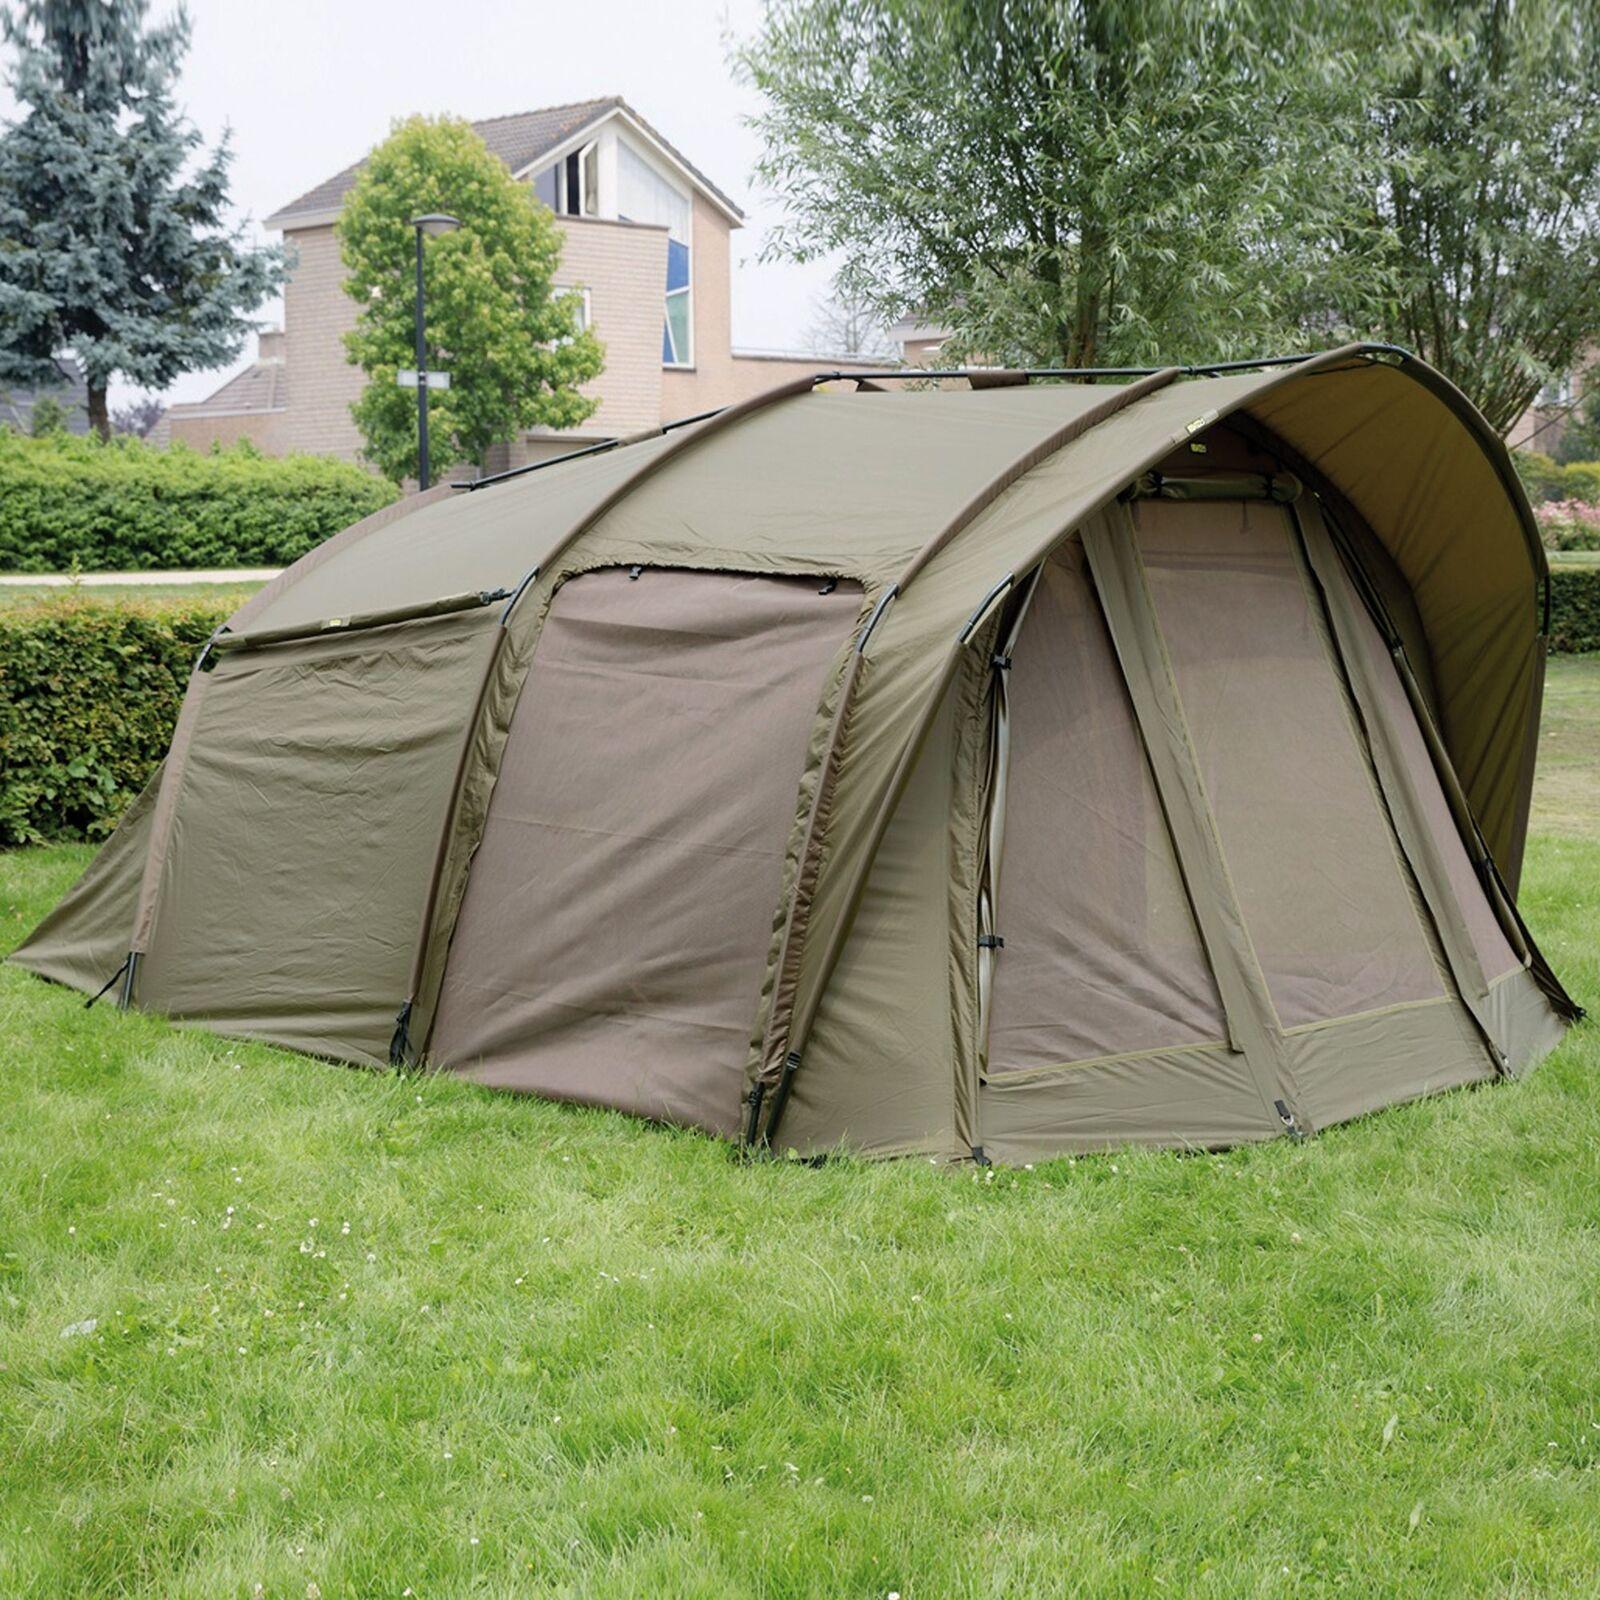 Angelliege Faith Big One Bedchair Karpfenliege 220x85cm Fleece Camping Liege